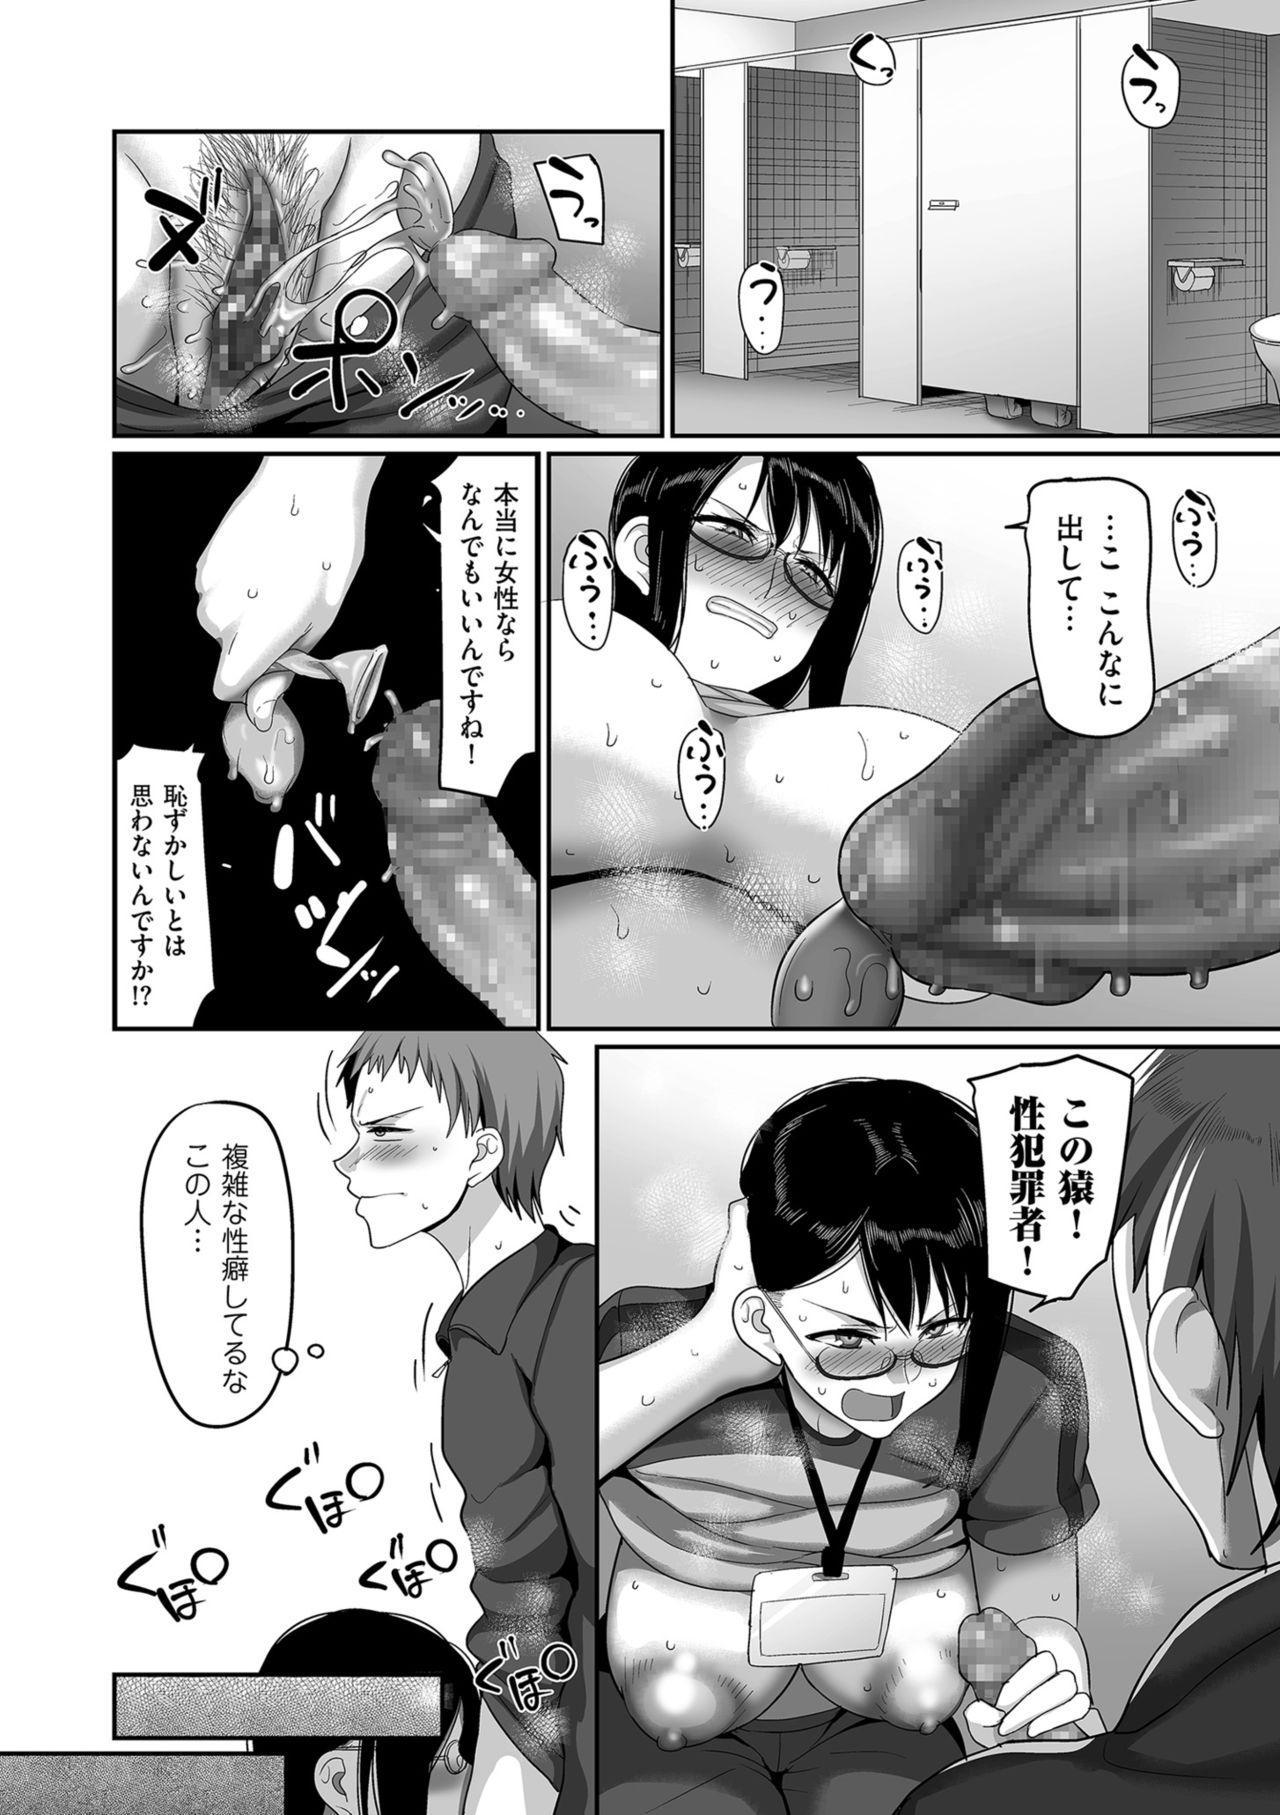 [Yamamoto Zenzen] S-ken K-shi Shakaijin Joshi Volleyball Circle no Jijou [Digital] 157